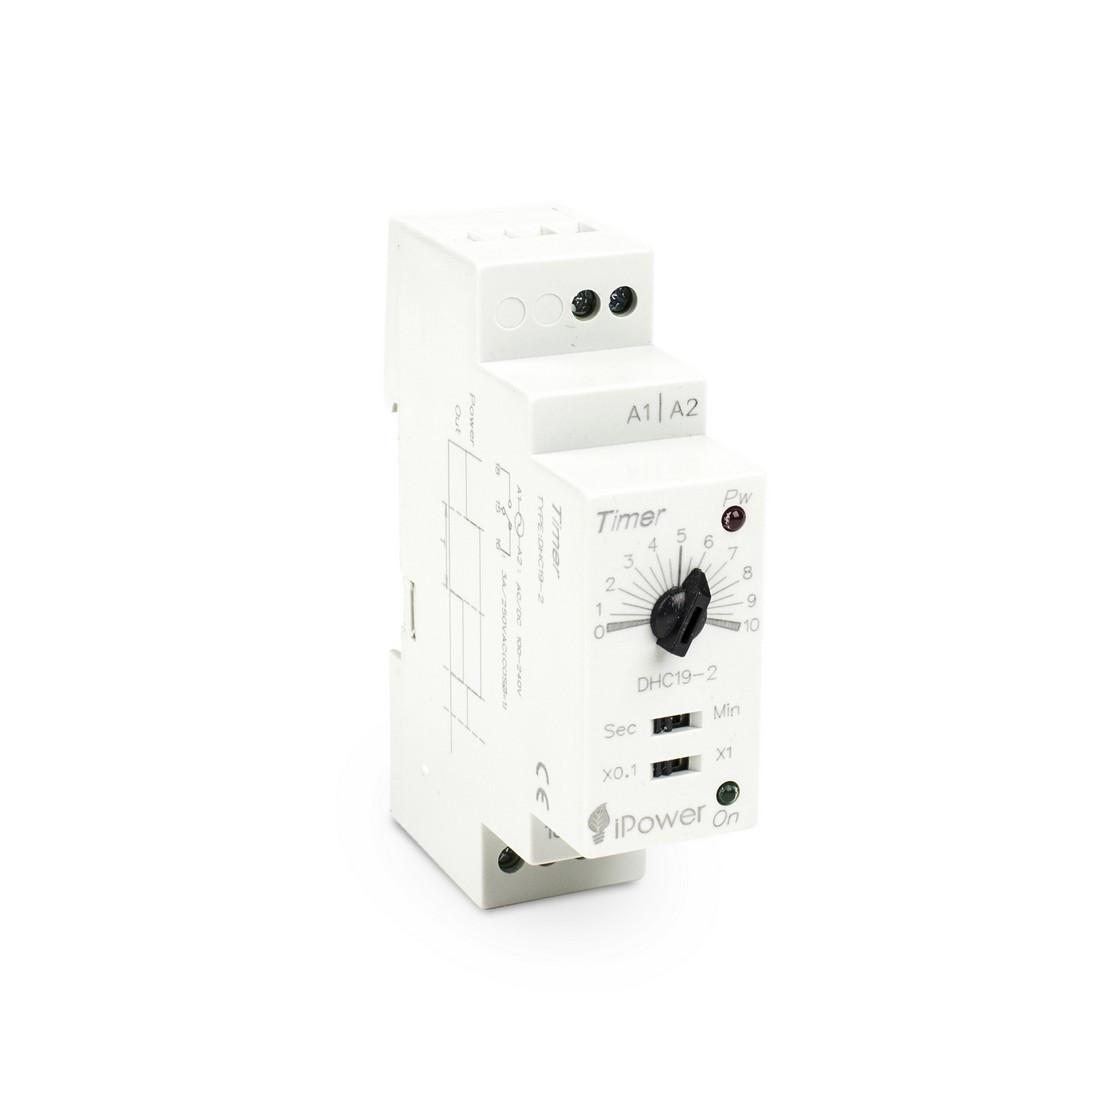 Реле времени iPower DHC19-2 AC 110-220V